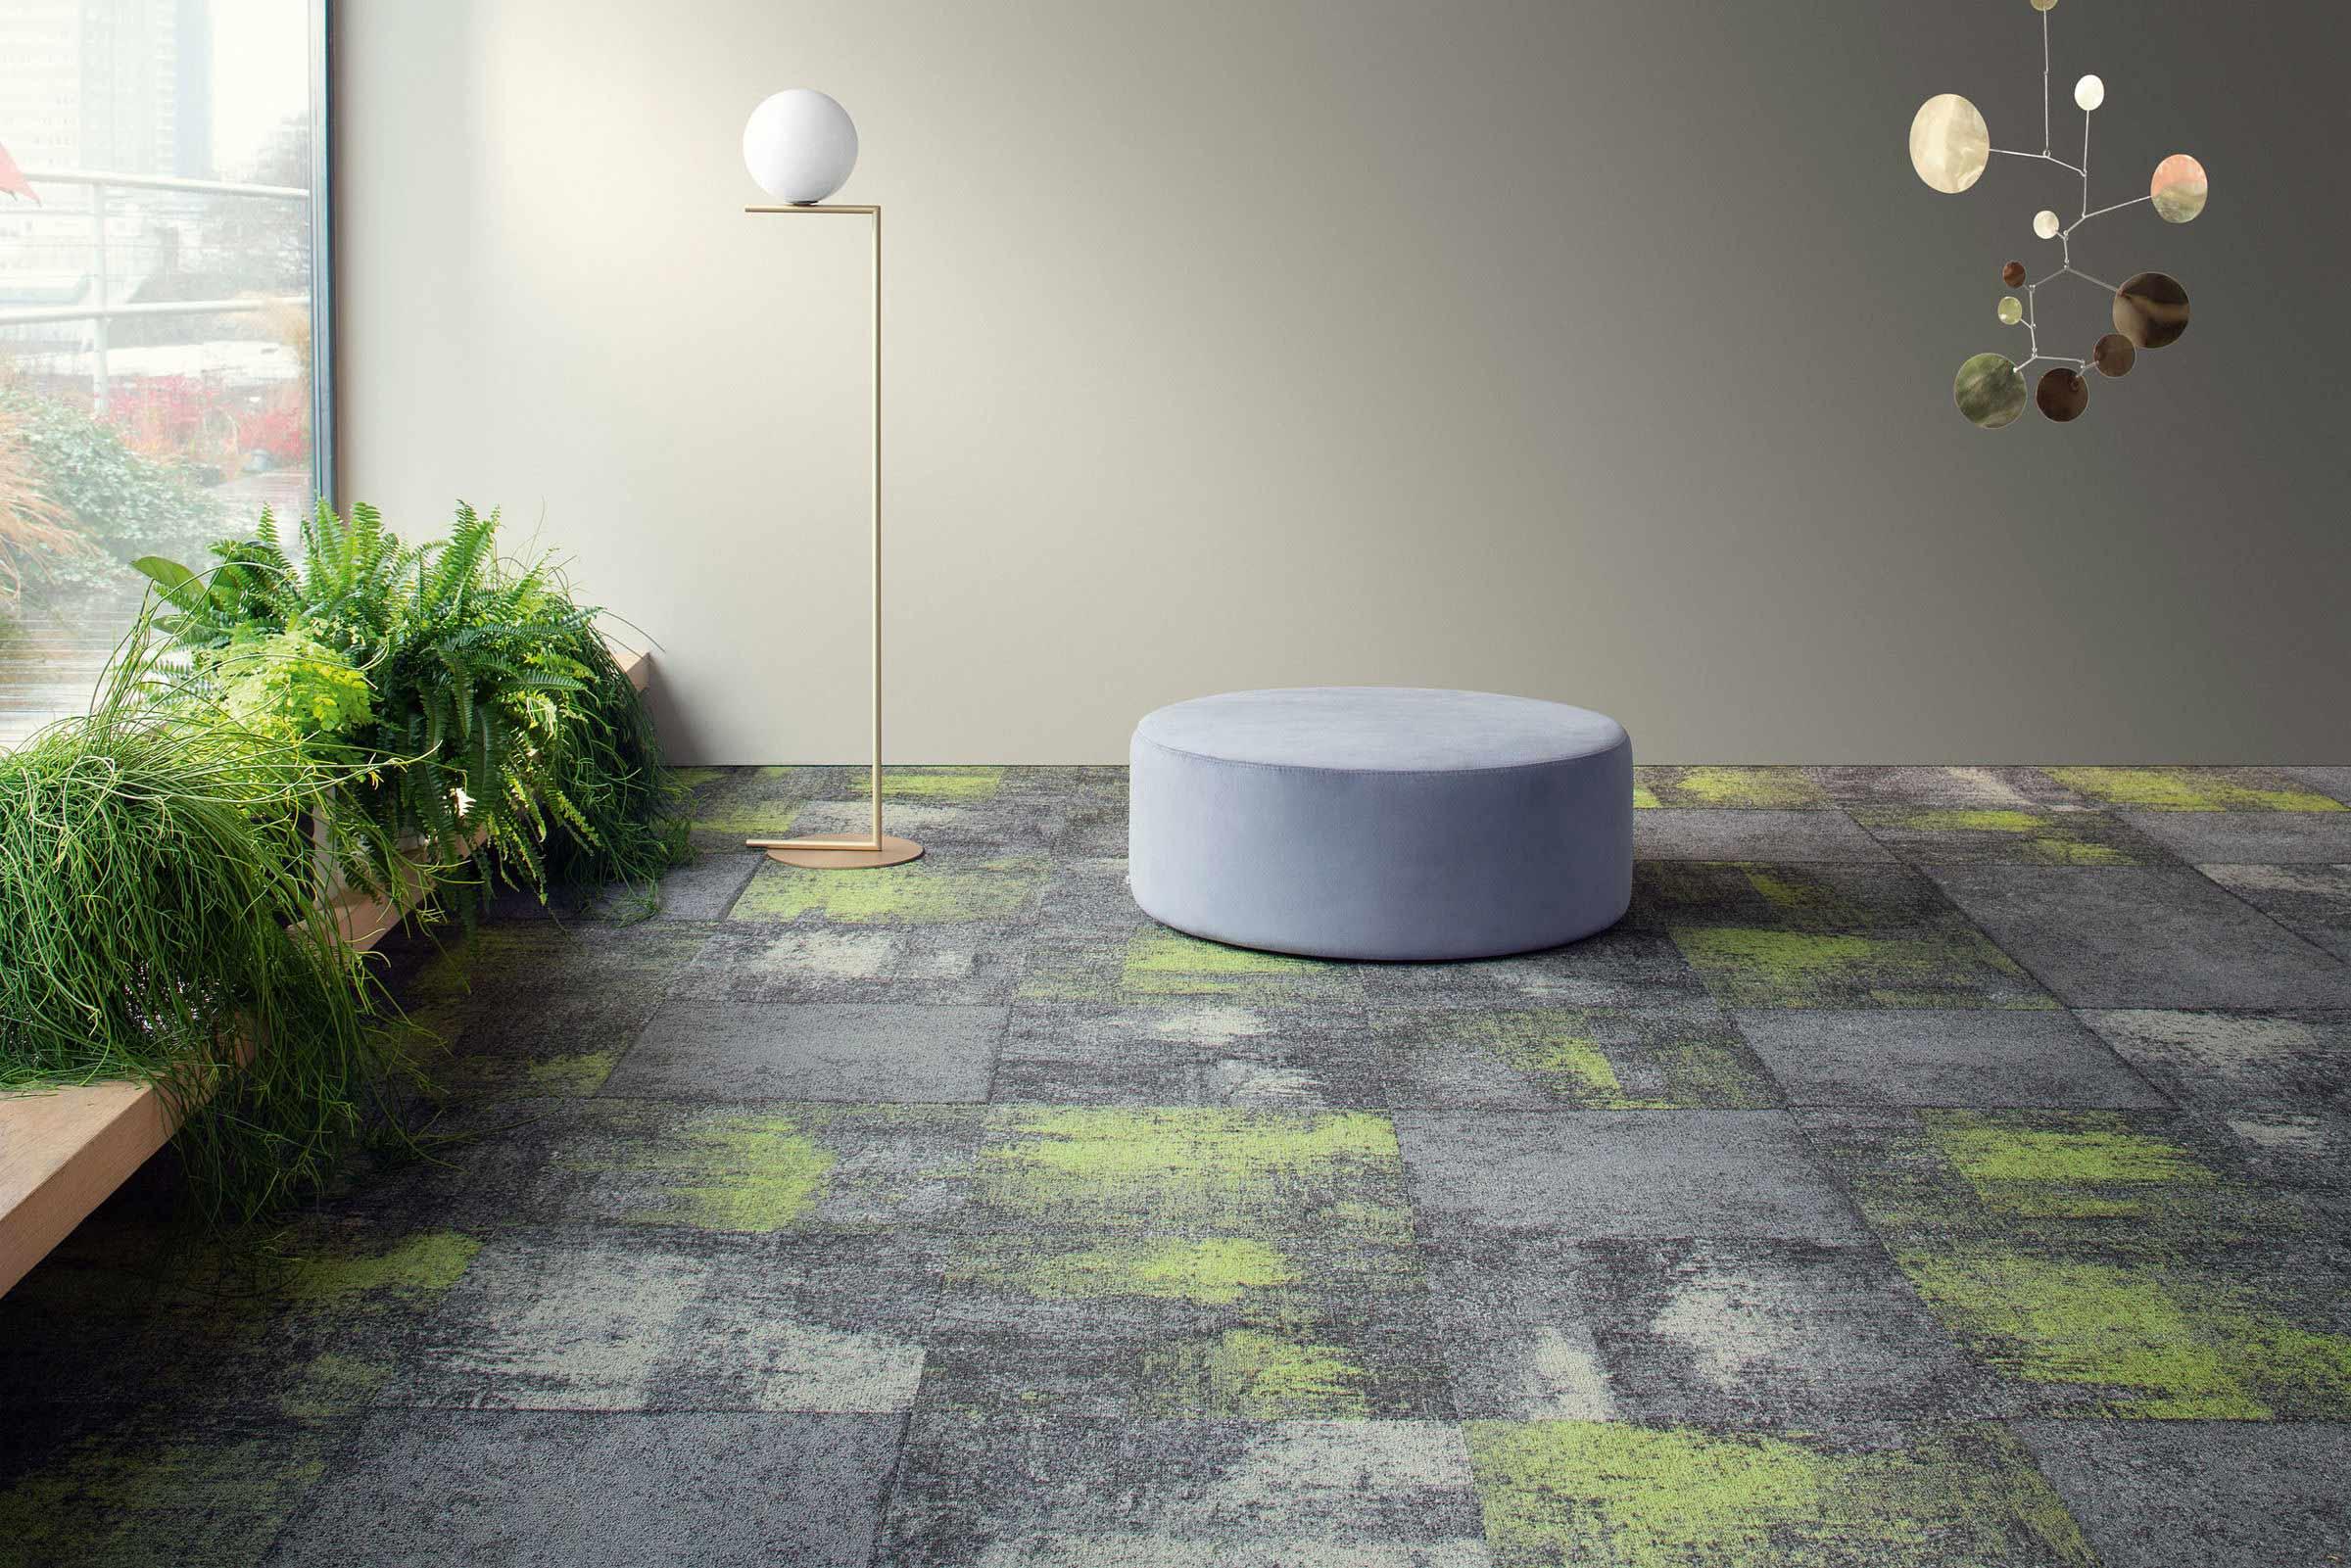 UDR133-141-05 Moss Green